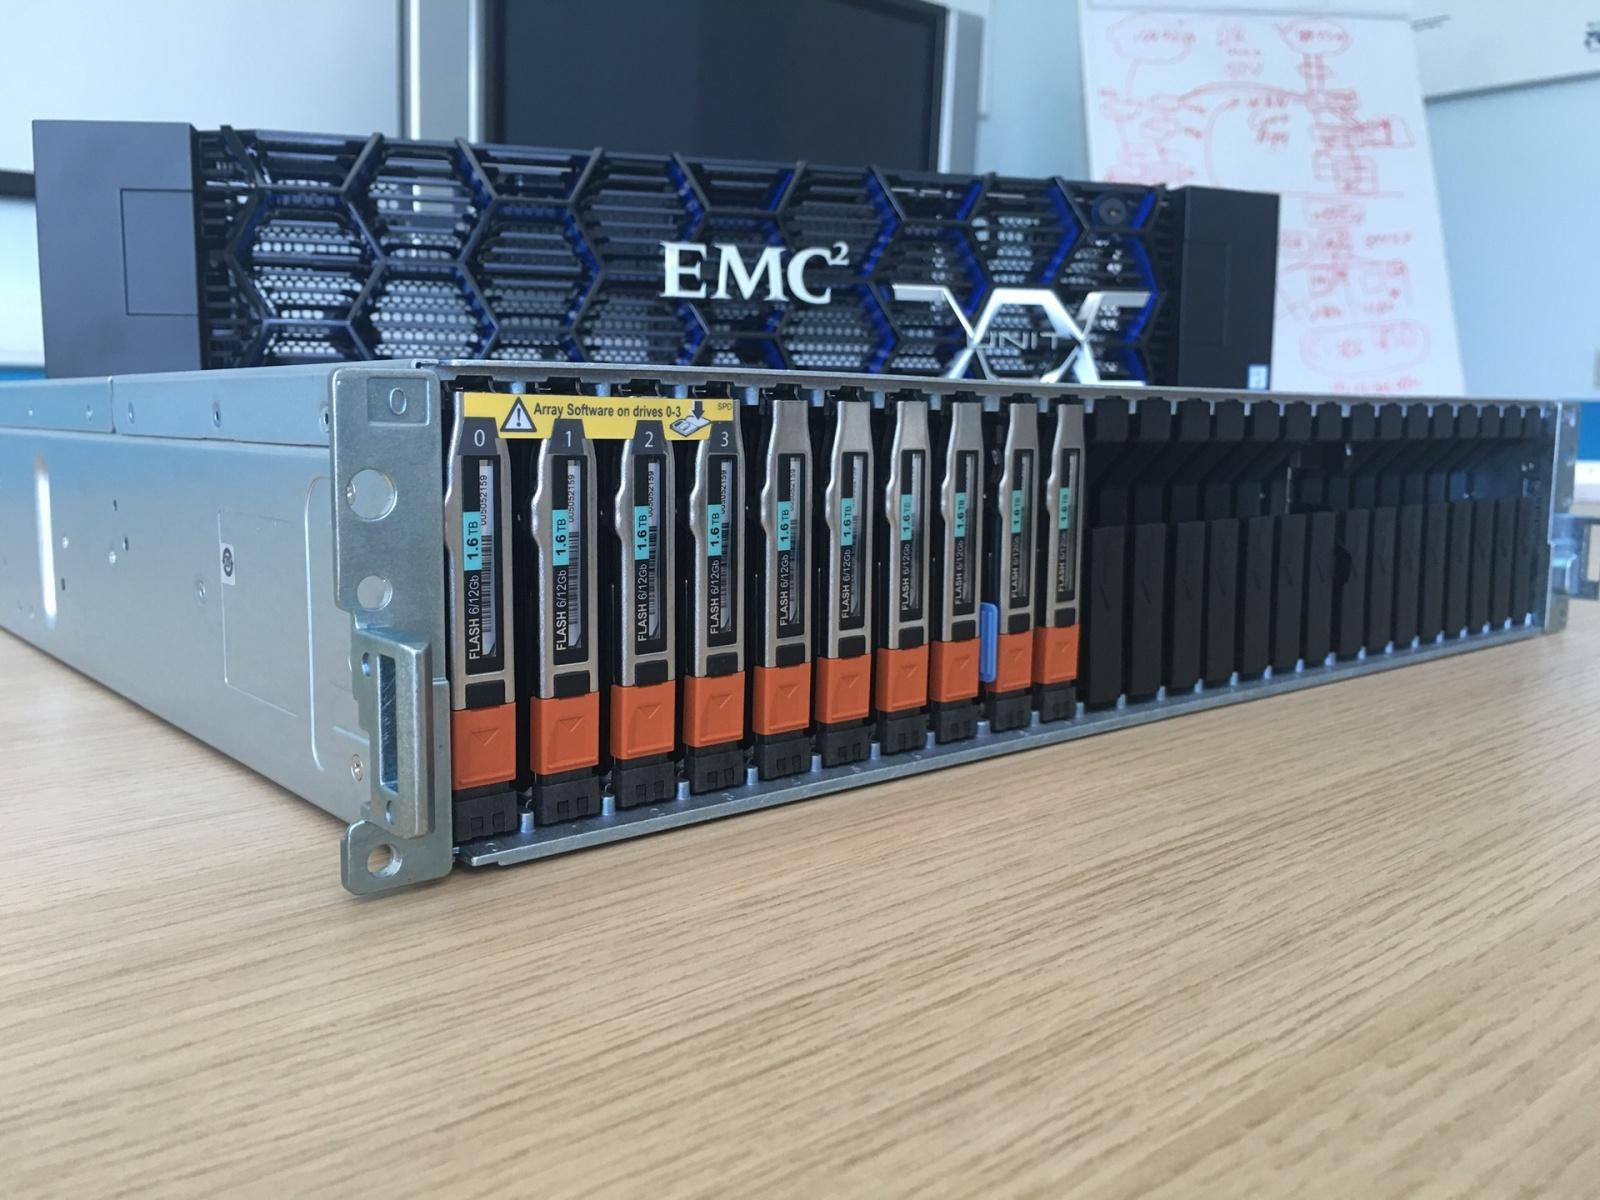 Под капотом у новой поделки Dell + EMC — флешового хранилища по цене дискового - 5